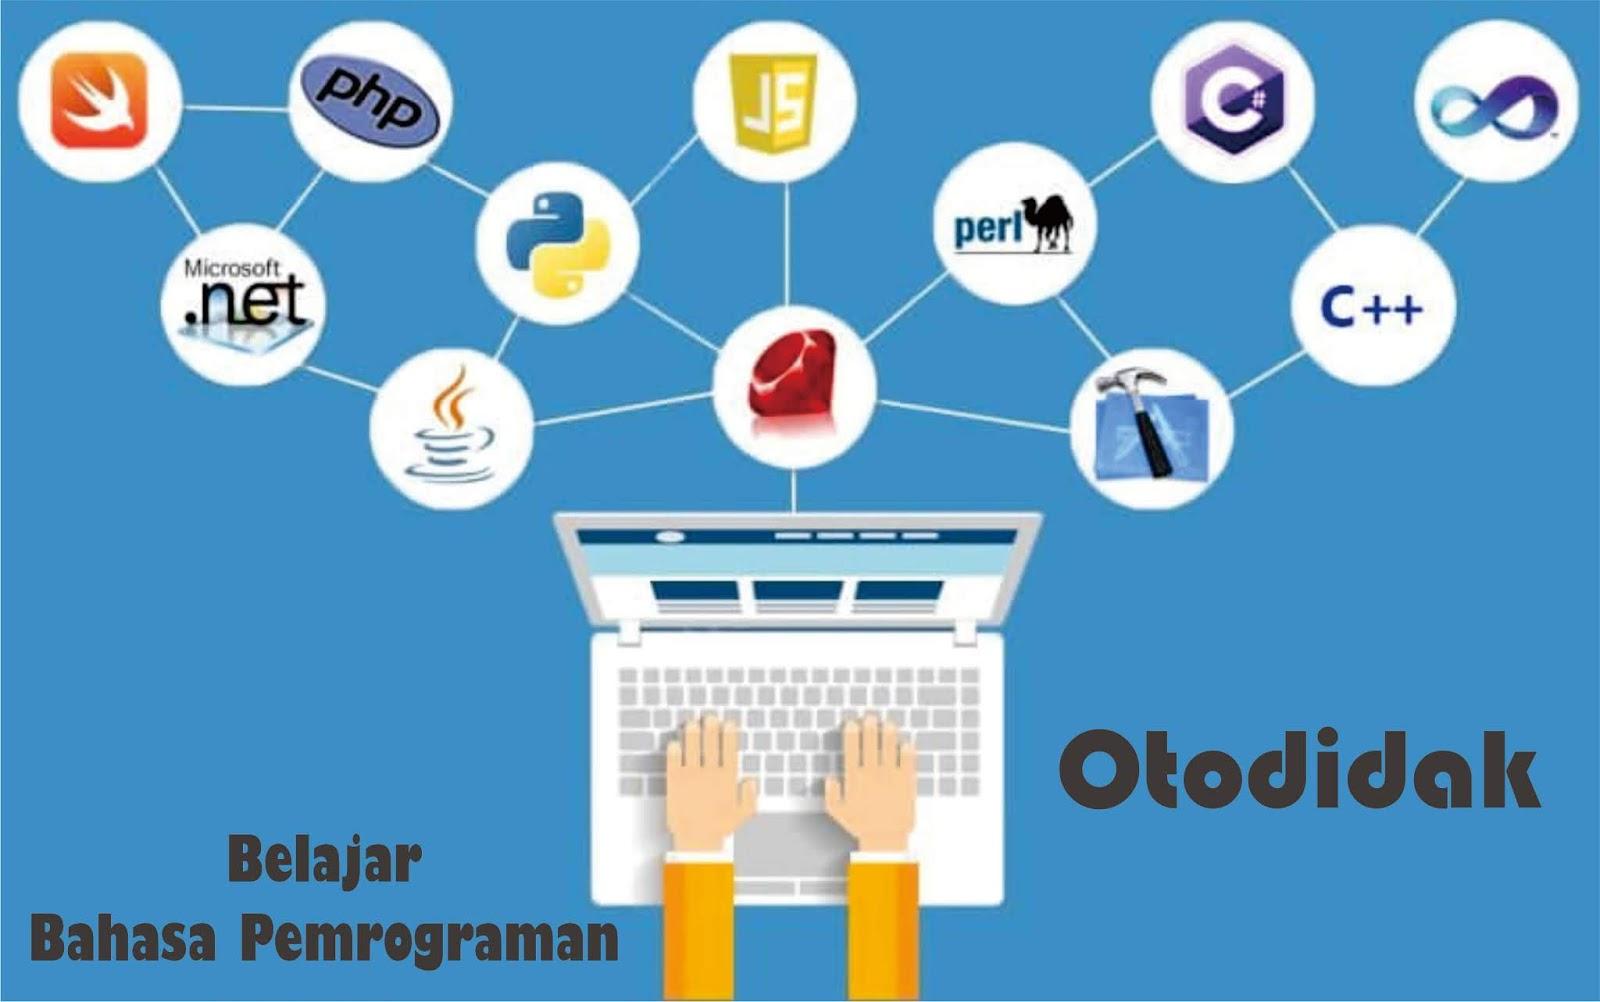 Cara Belajar Programing Online Secara Otodidak Dengan Cepat